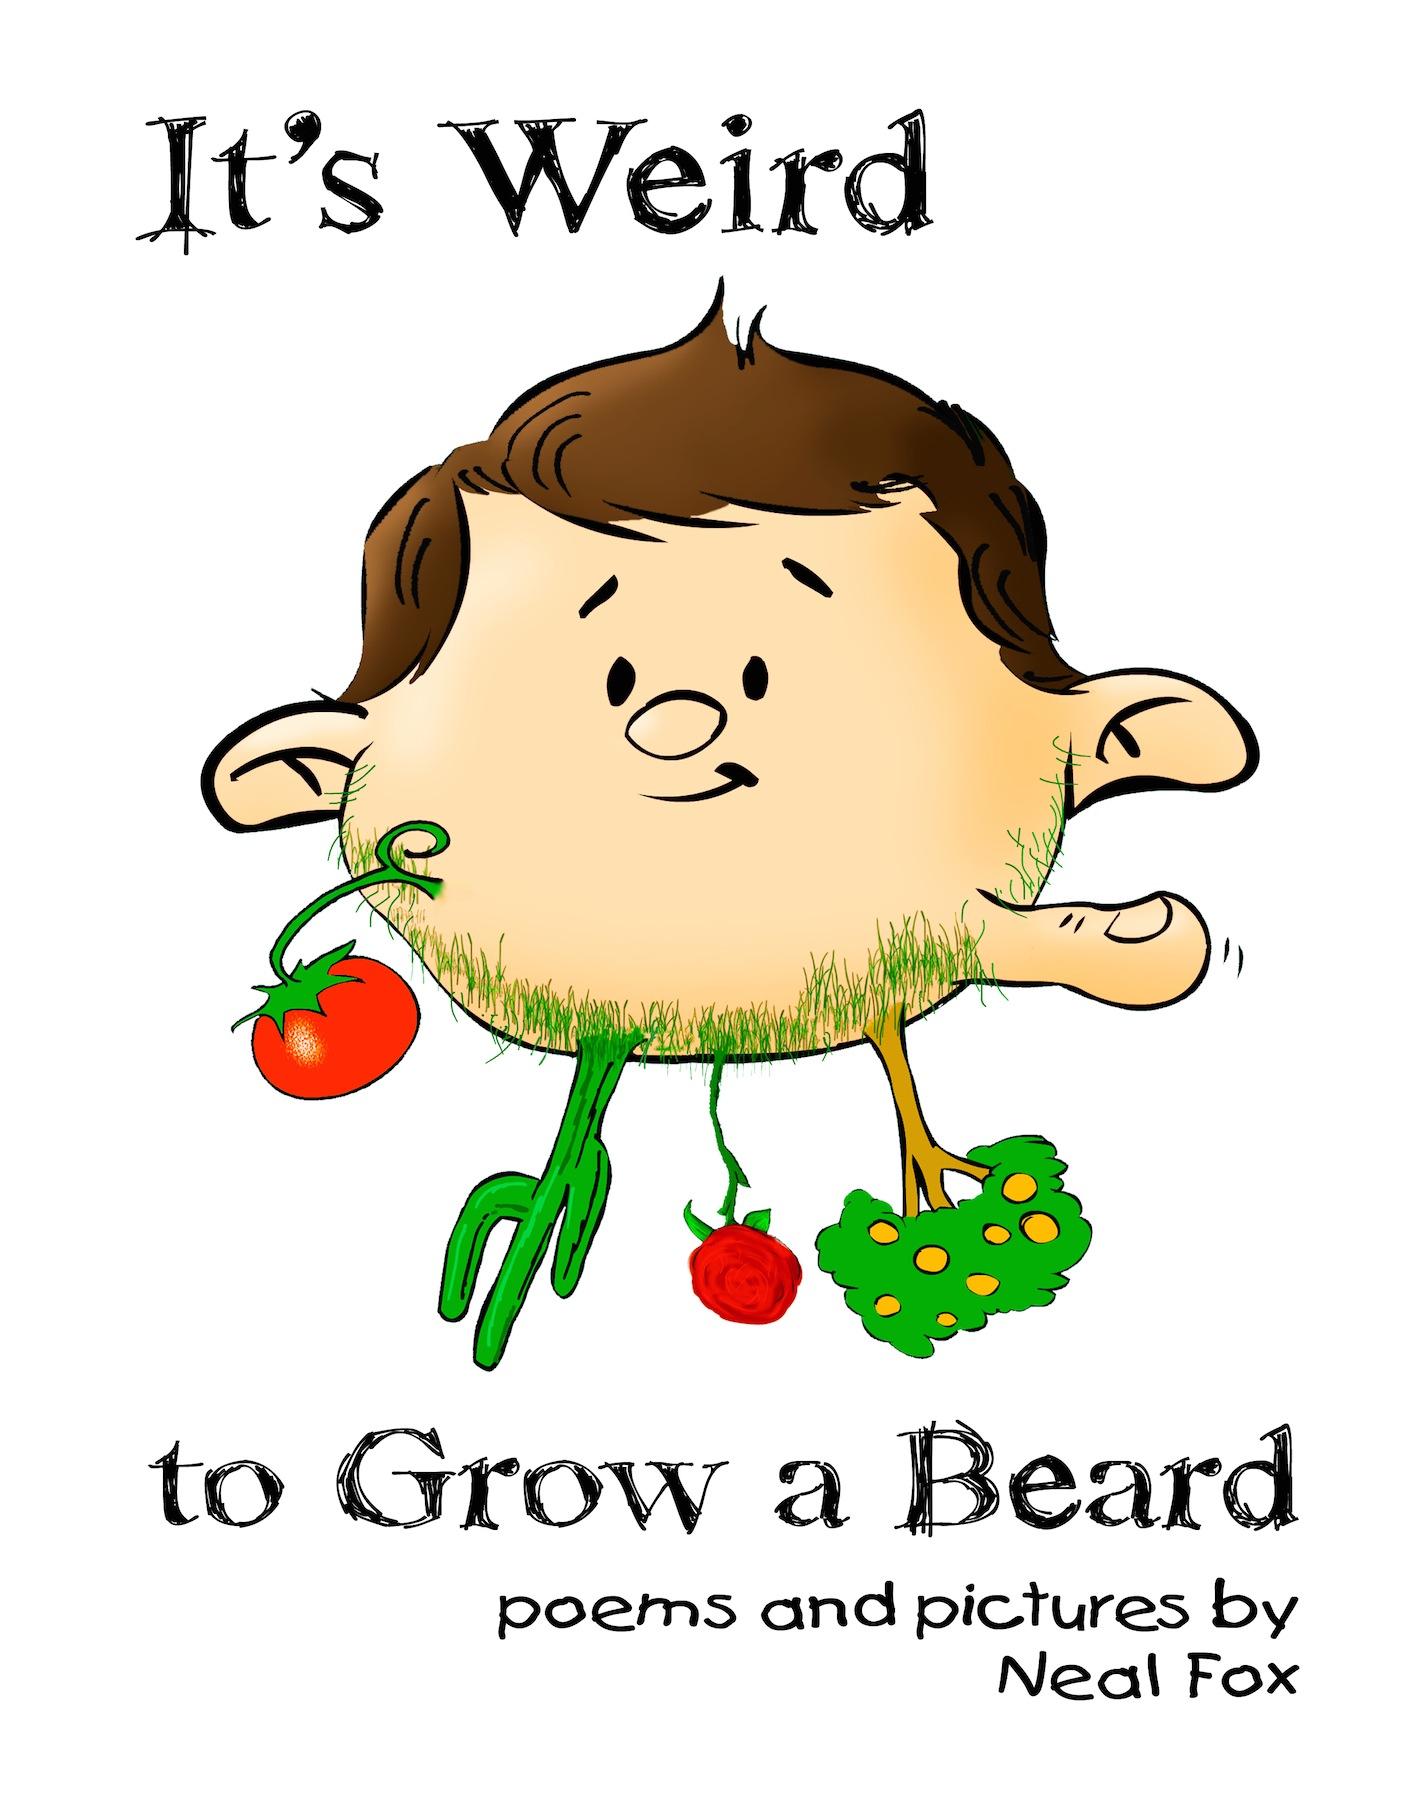 It's Weird to Grow a Beard - Book Cover